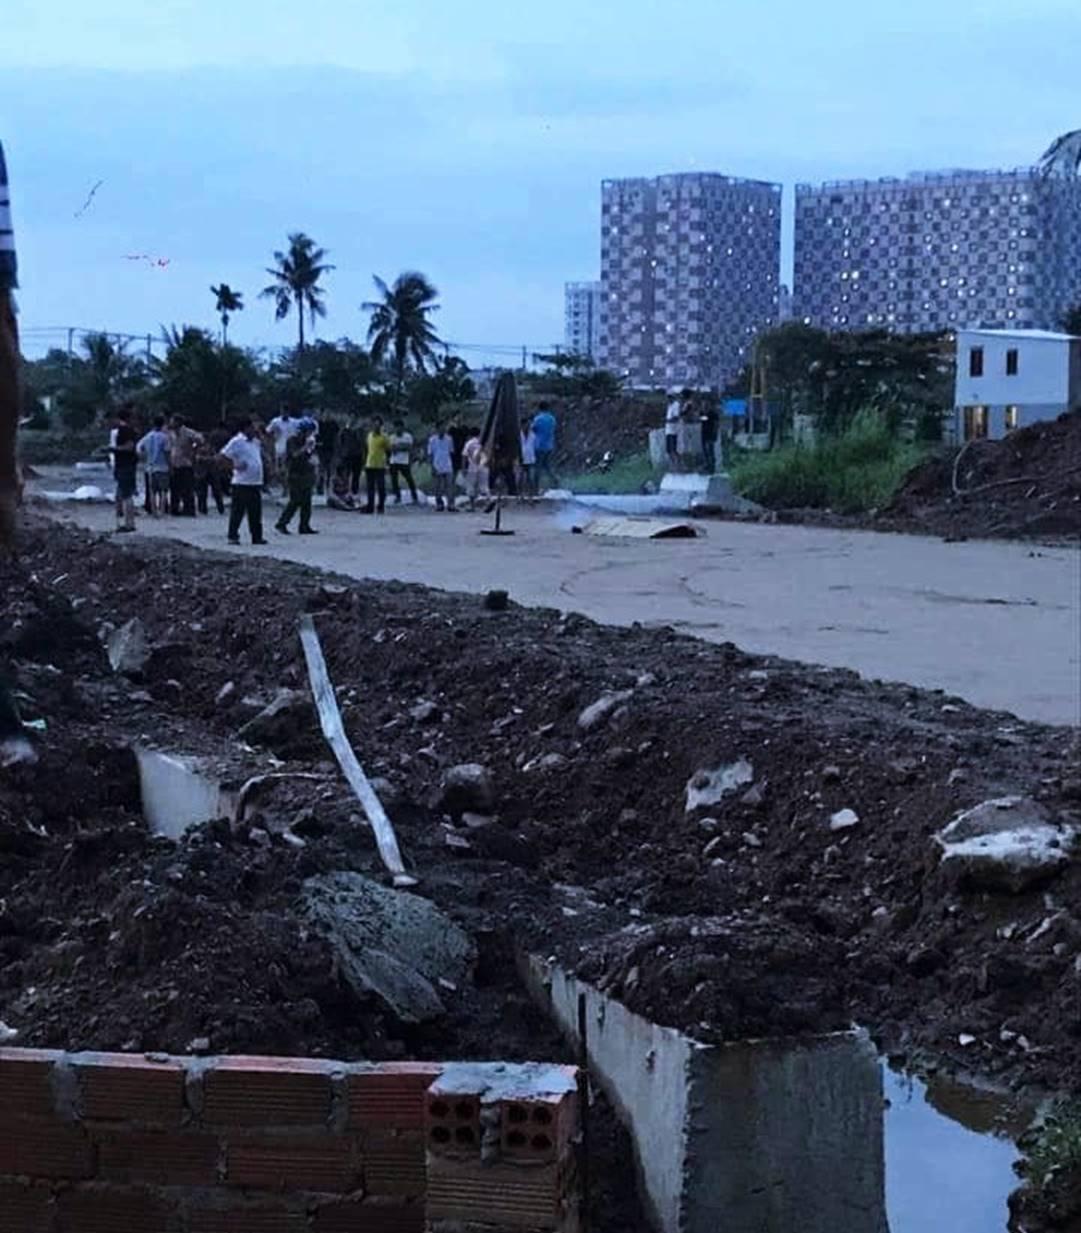 Vụ 2 cháu bé bị điện giật chết ở Sài Gòn: Công trình thi công cả năm nhưng không có rào chắn, để rồi xảy ra sự việc thương tâm quá-1